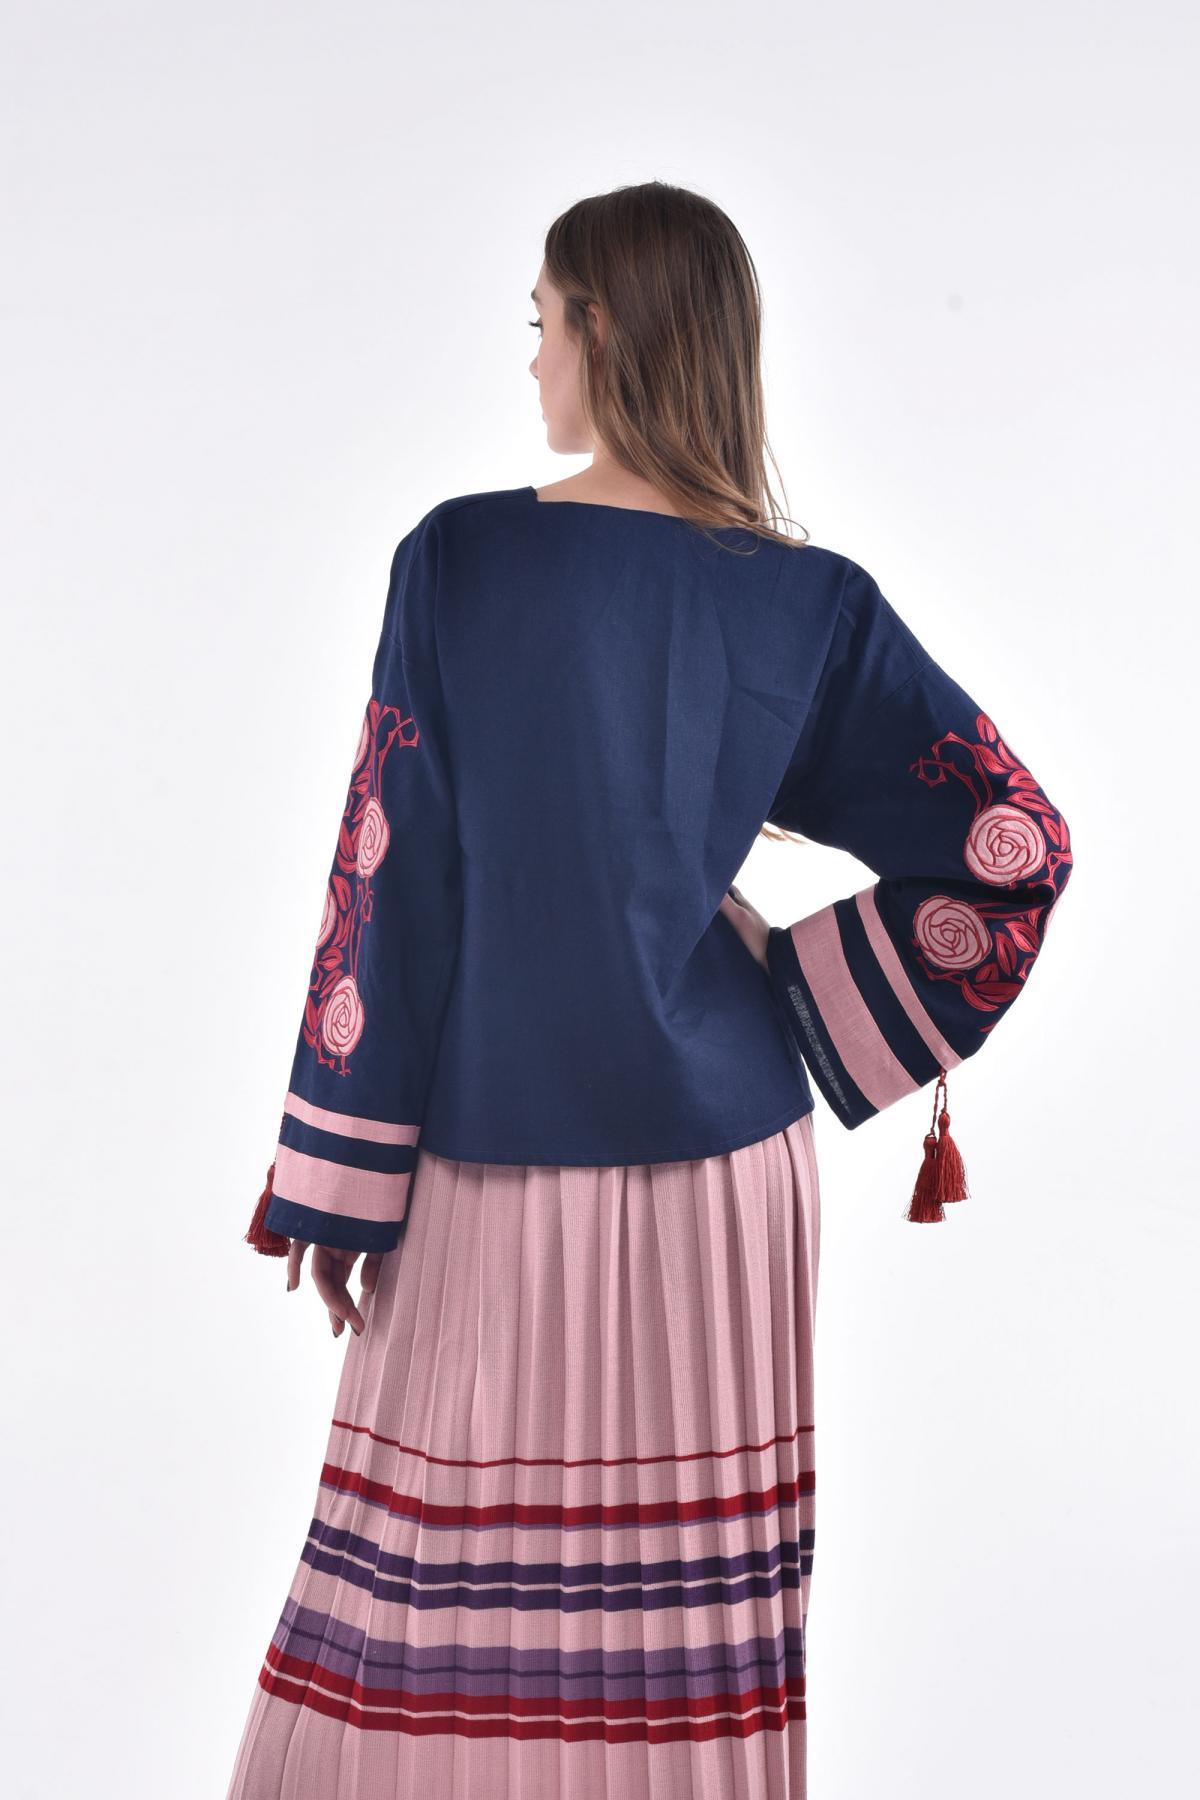 Блузка с вышивкой в виде шиповника темно-синяя. Фото №2. | Народный дом Украина